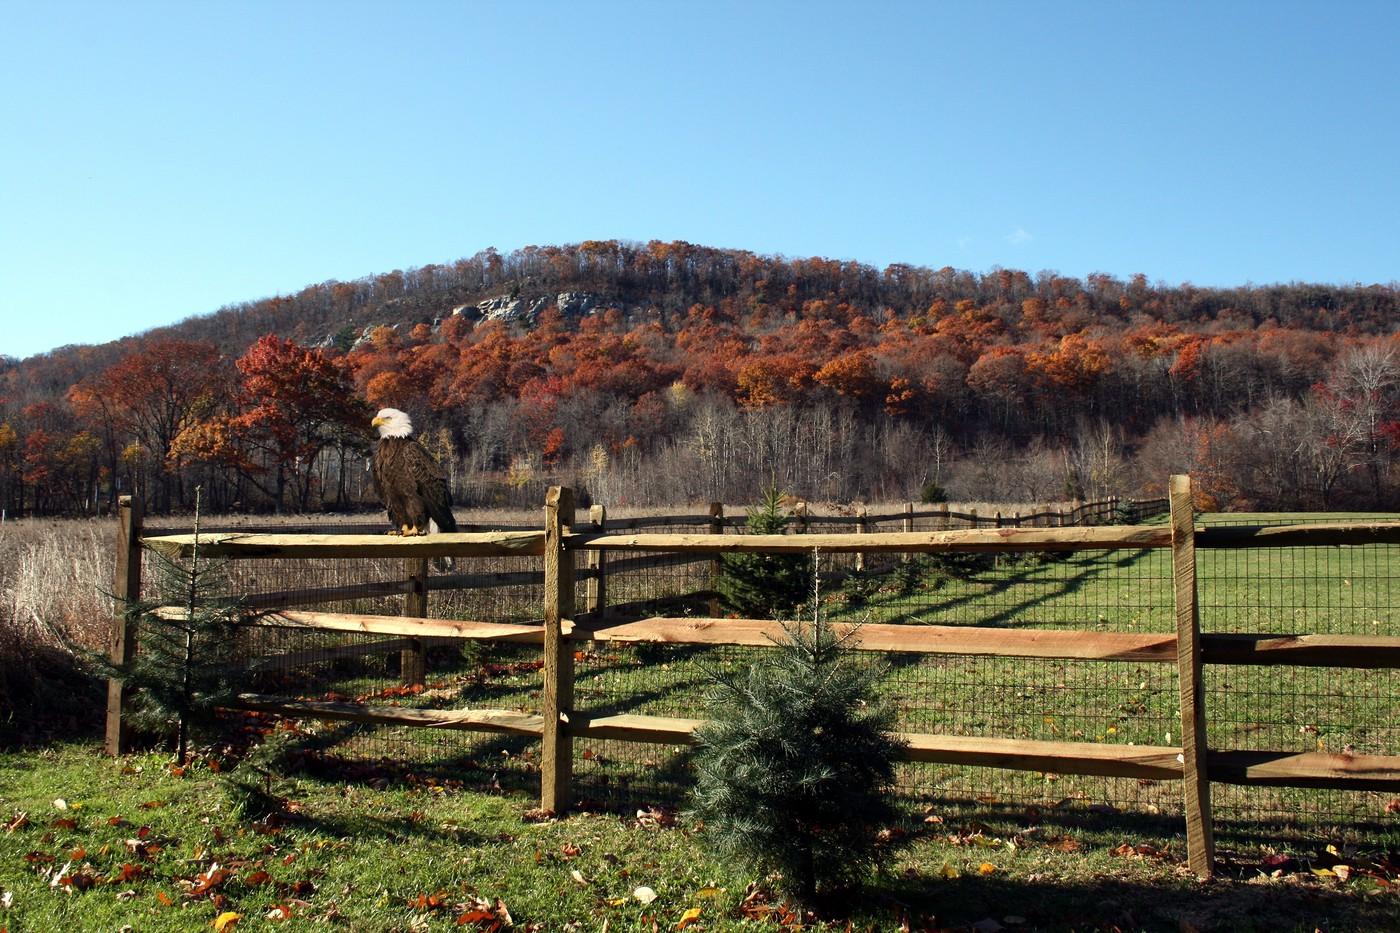 Bald Eagle on a Fence